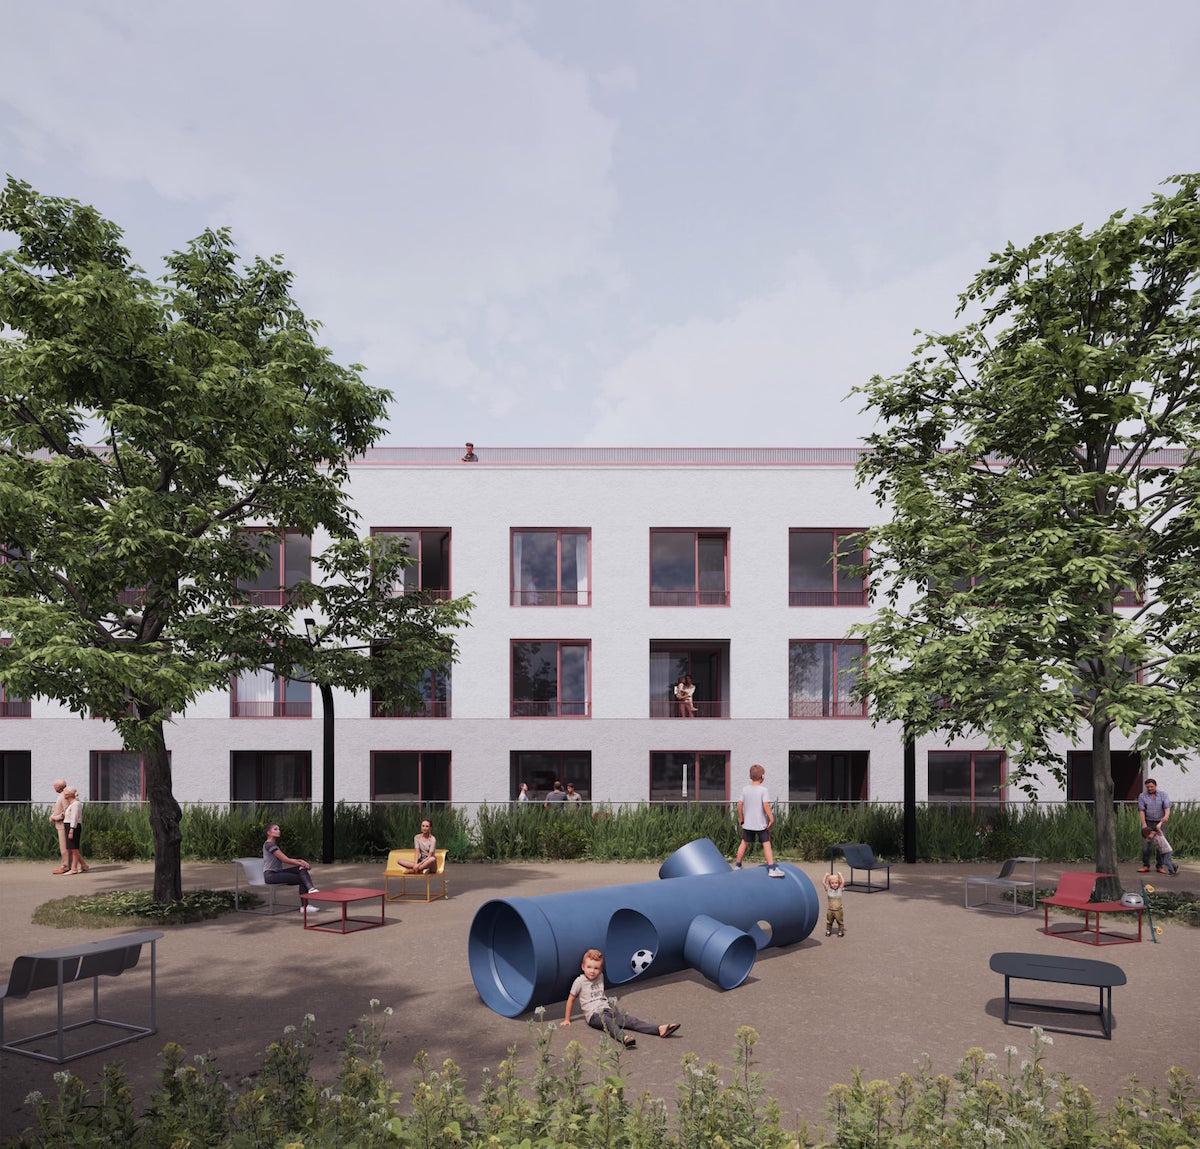 Porota sa pri hodnotení zamerala na komplexnú kvalitu architektonicko-urbanistického riešenia, ekonomickú realizovateľnosť a udržateľnosť projektu.